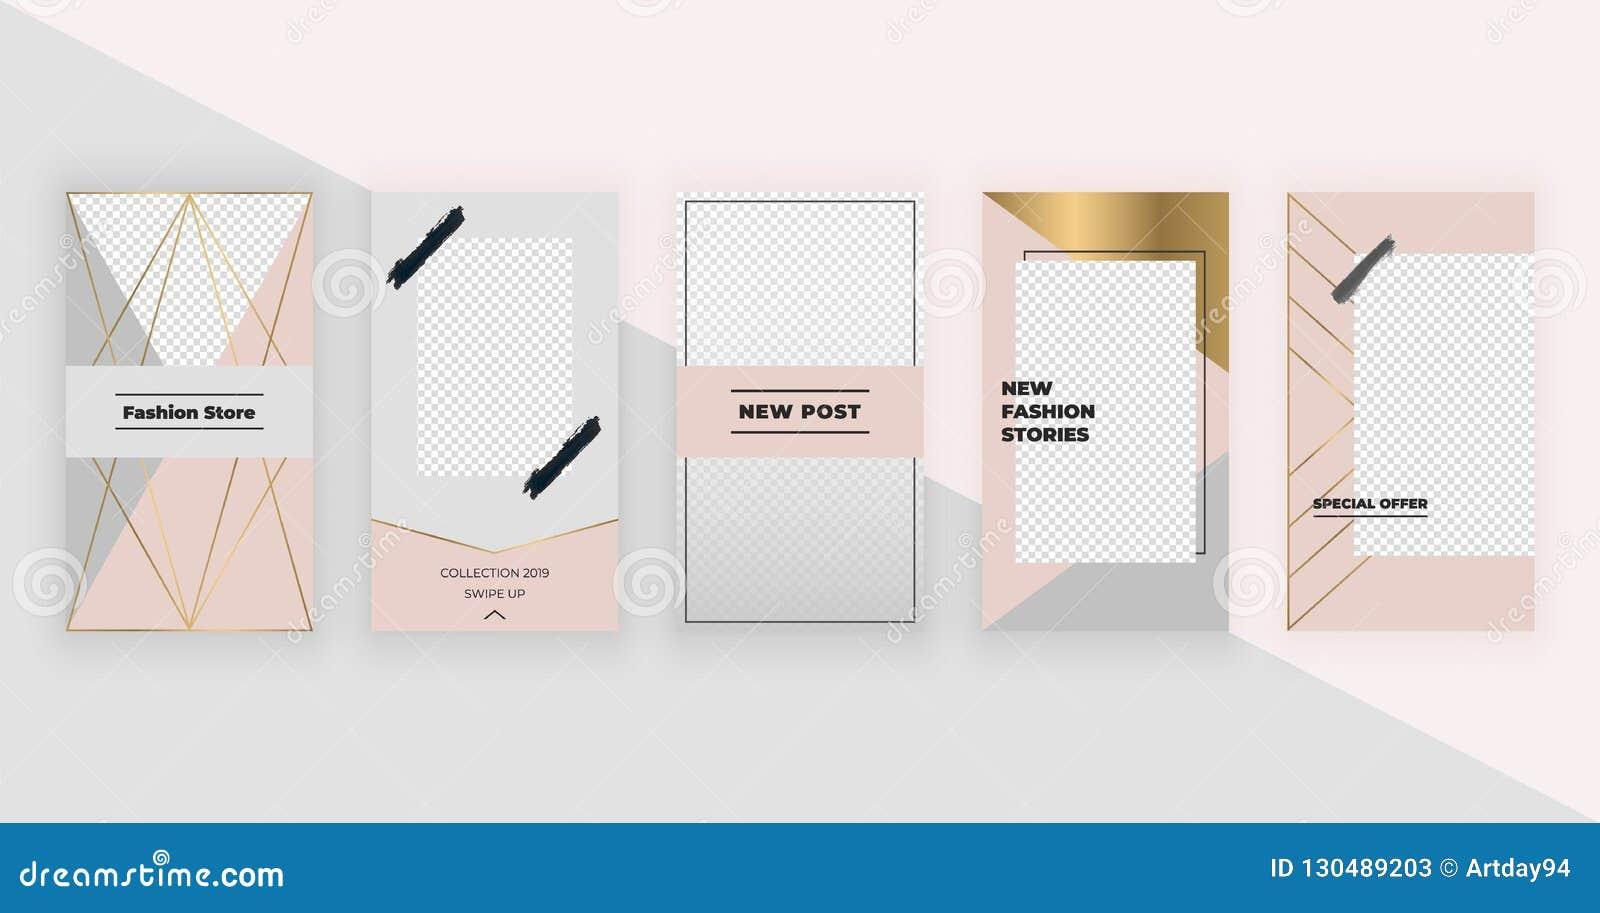 Moda szablony dla Instagram opowieści Nowożytny okładkowy projekt dla ogólnospołecznych środków, ulotki, karta